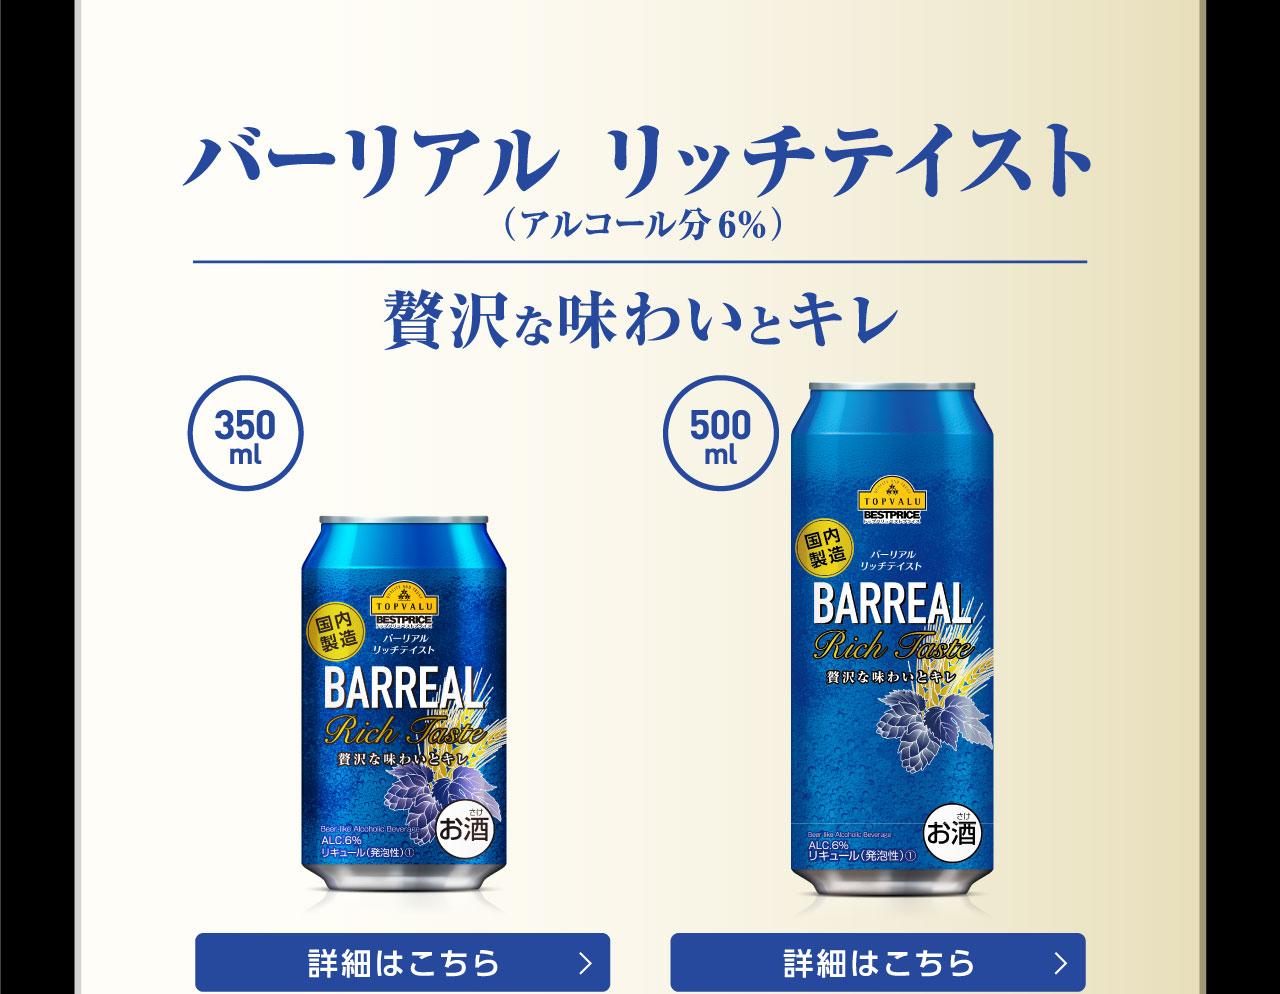 バーリアル リッチテイスト(アルコール分6%) 贅沢な味わいとキレ